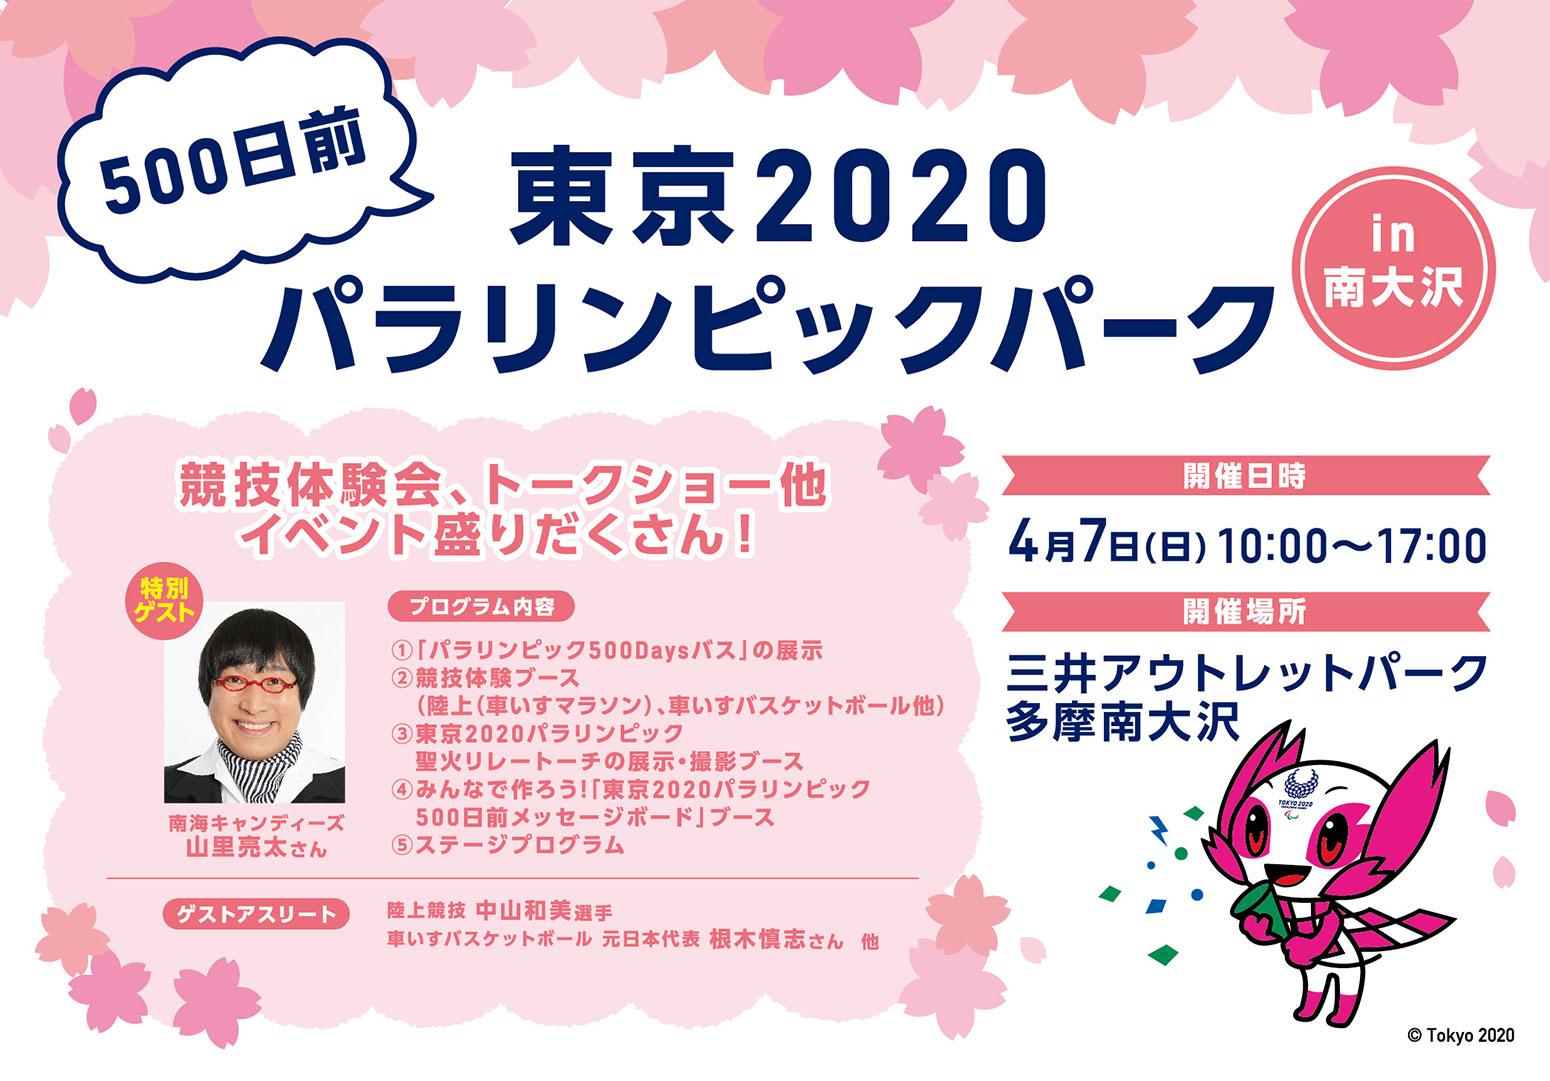 「みんなで楽しもう!東京2020パラリンピック500日前」